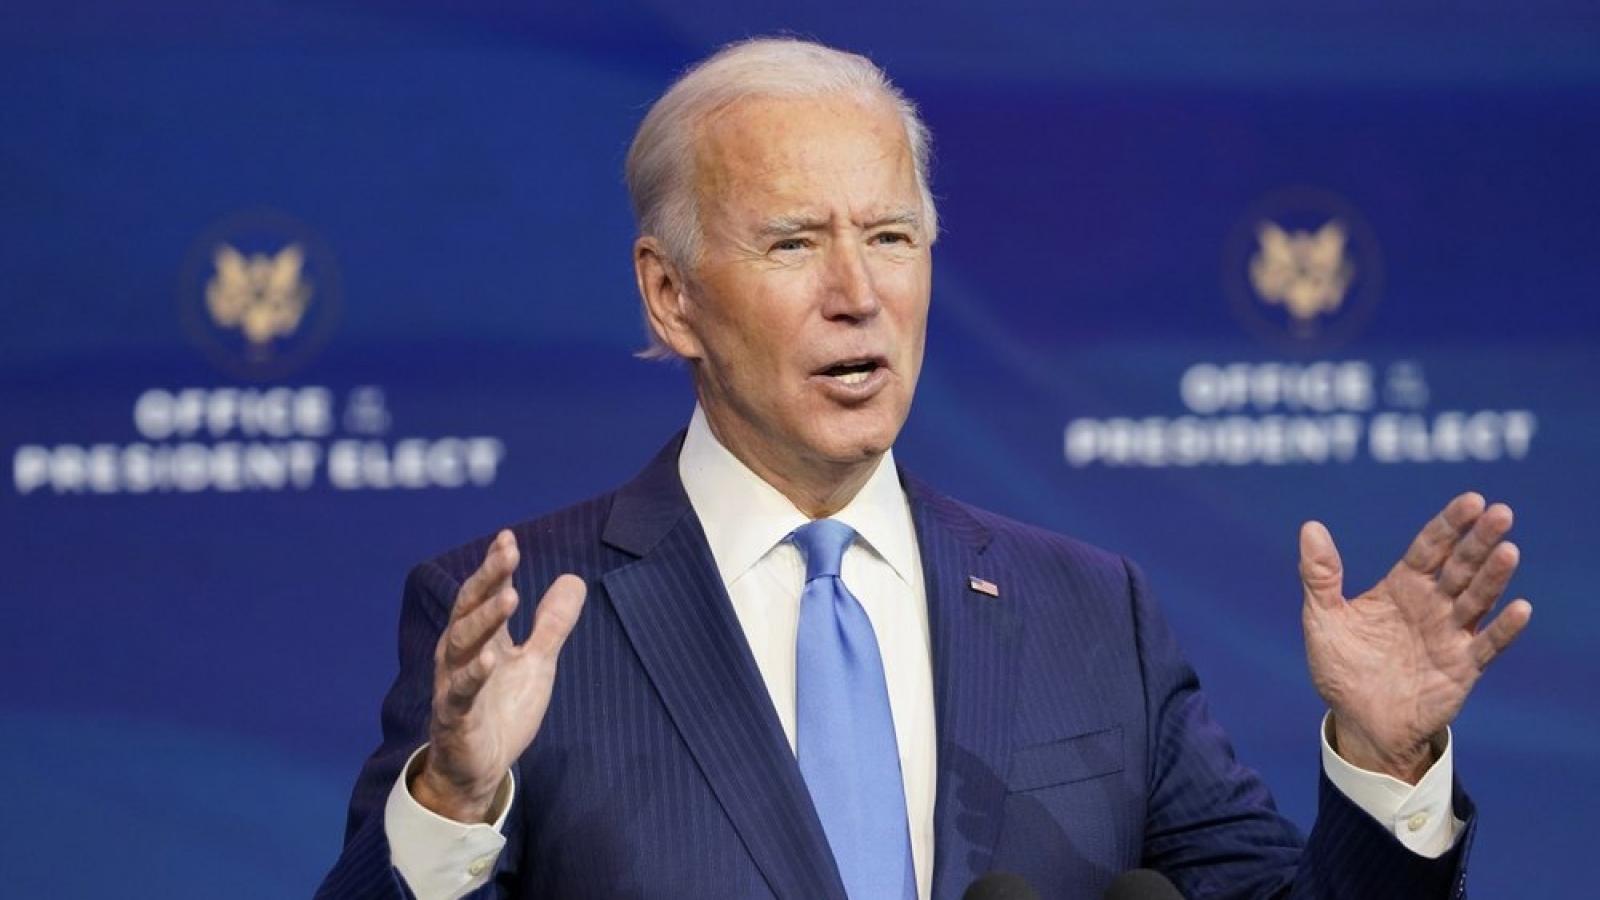 Tổng thống Mỹ Biden ký ban hành Đạo luật chống thù ghét người gốc Á